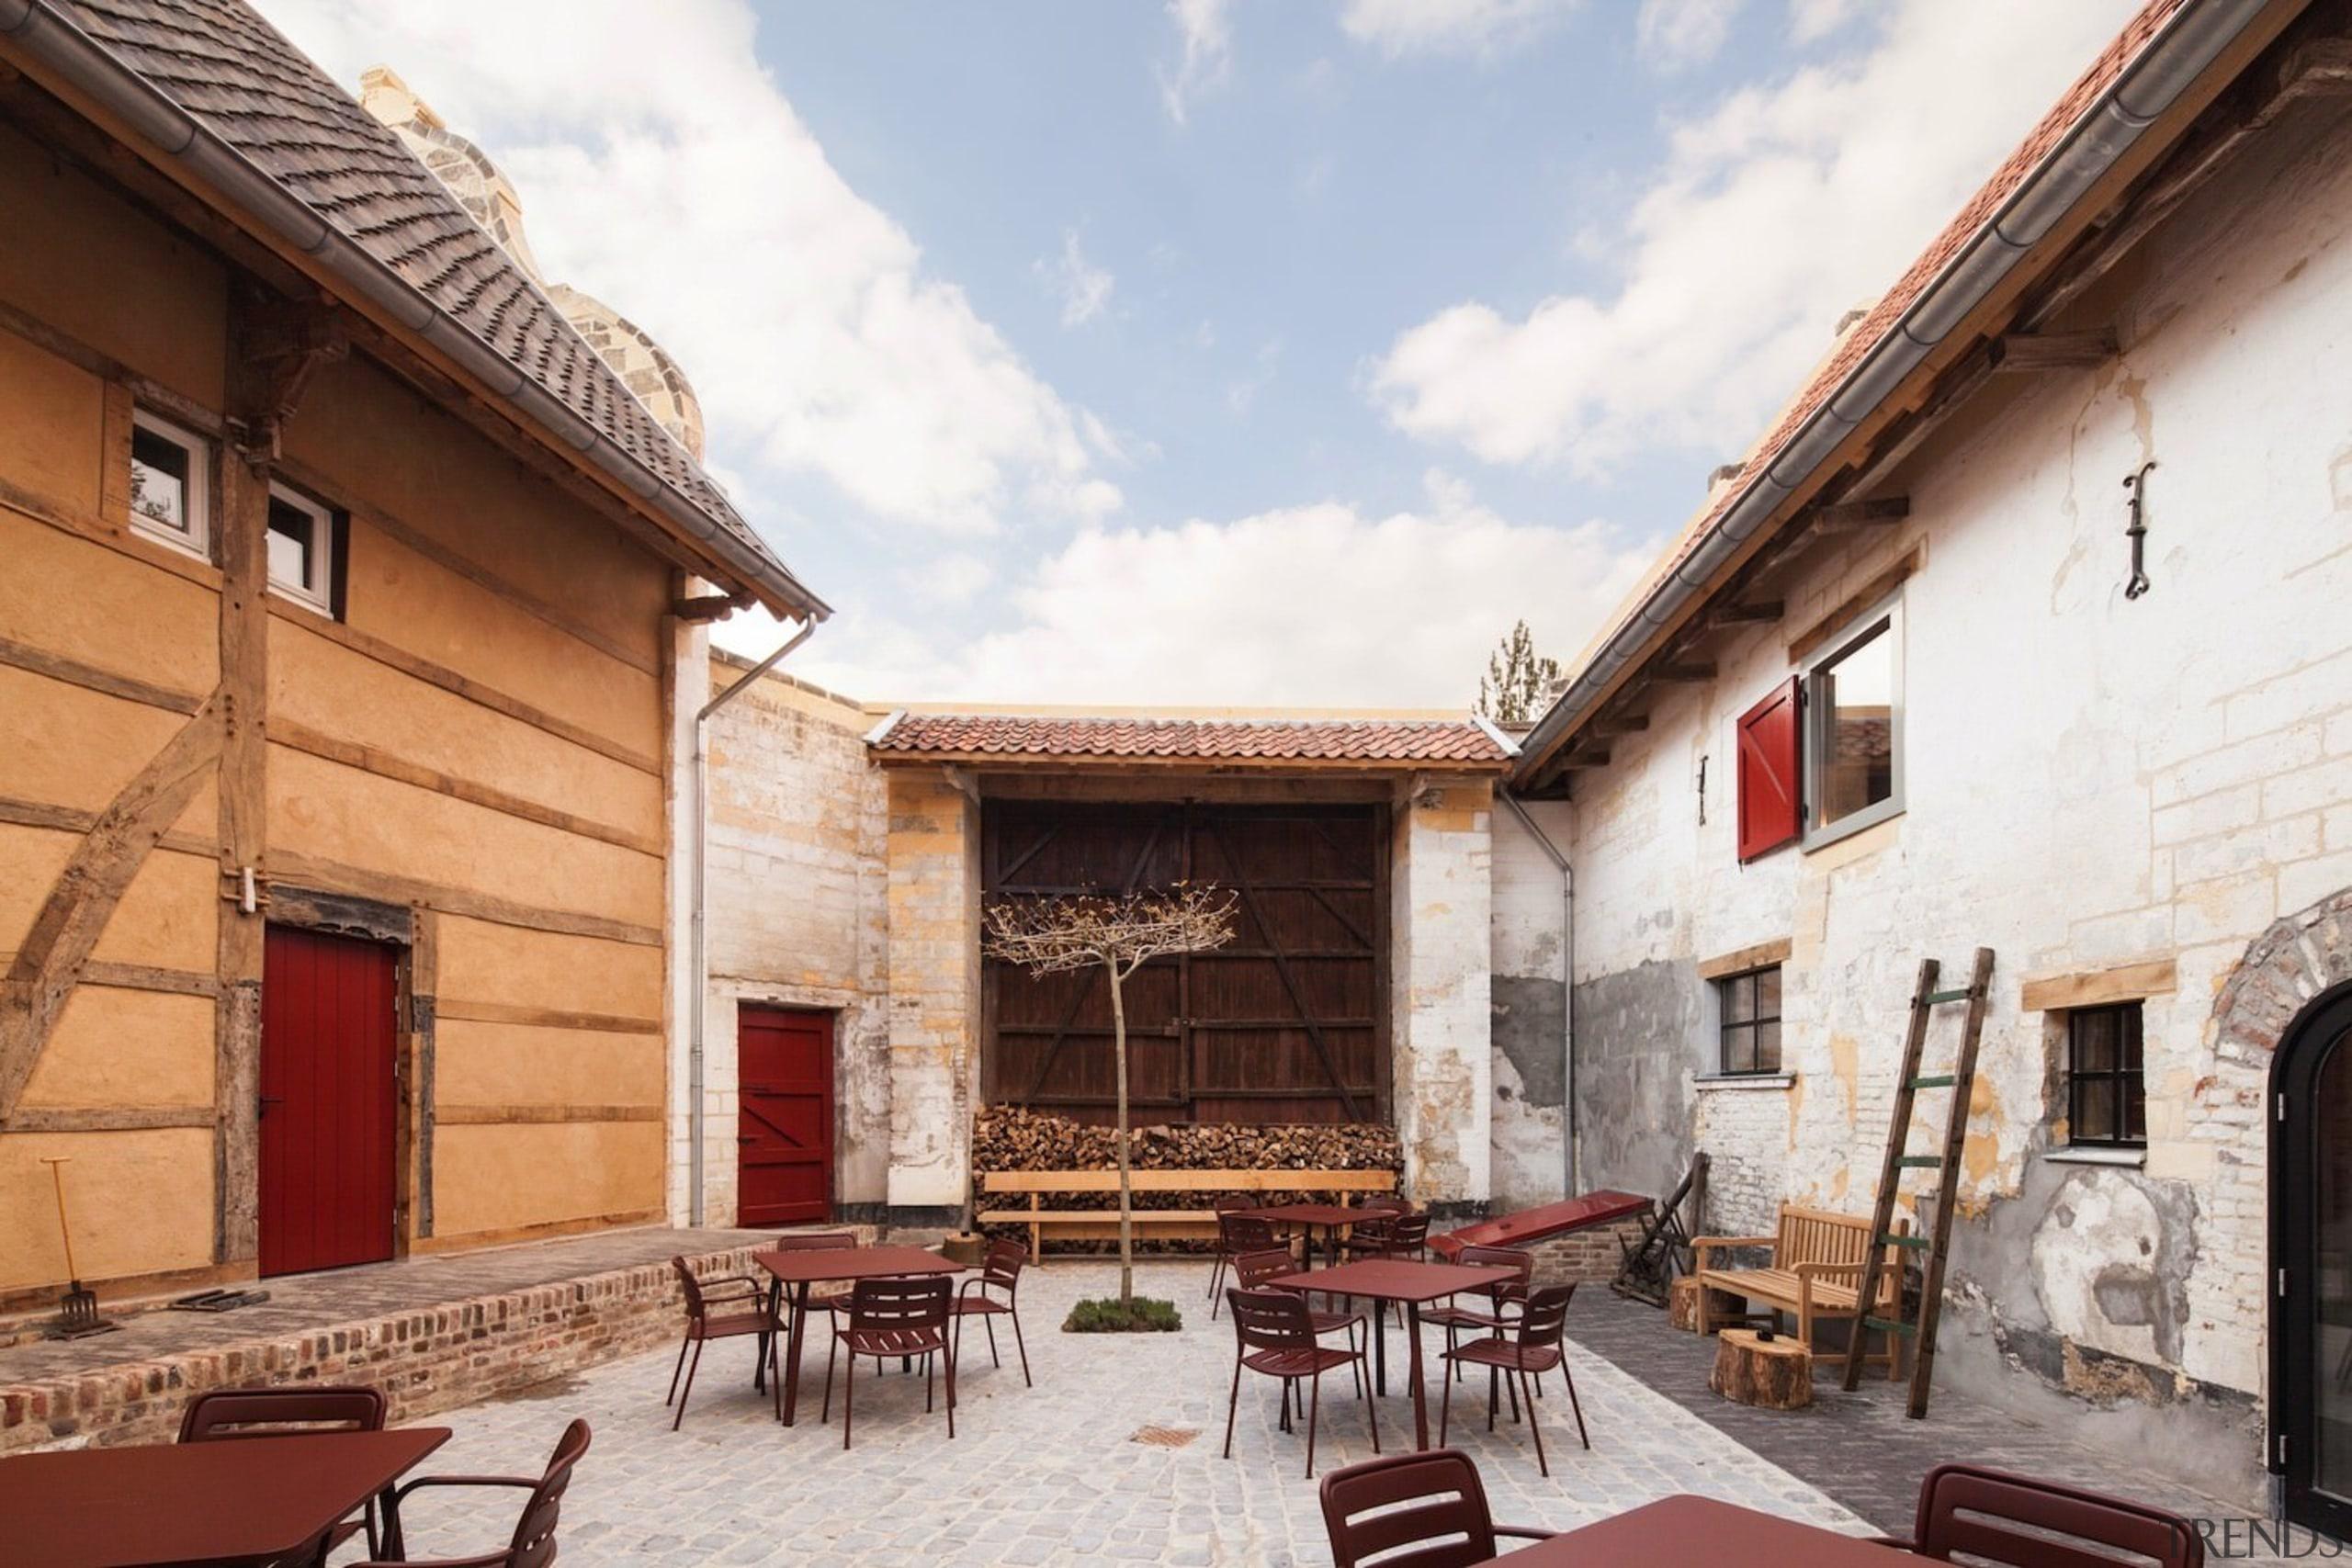 Architect: Meccanoo building, courtyard, facade, white